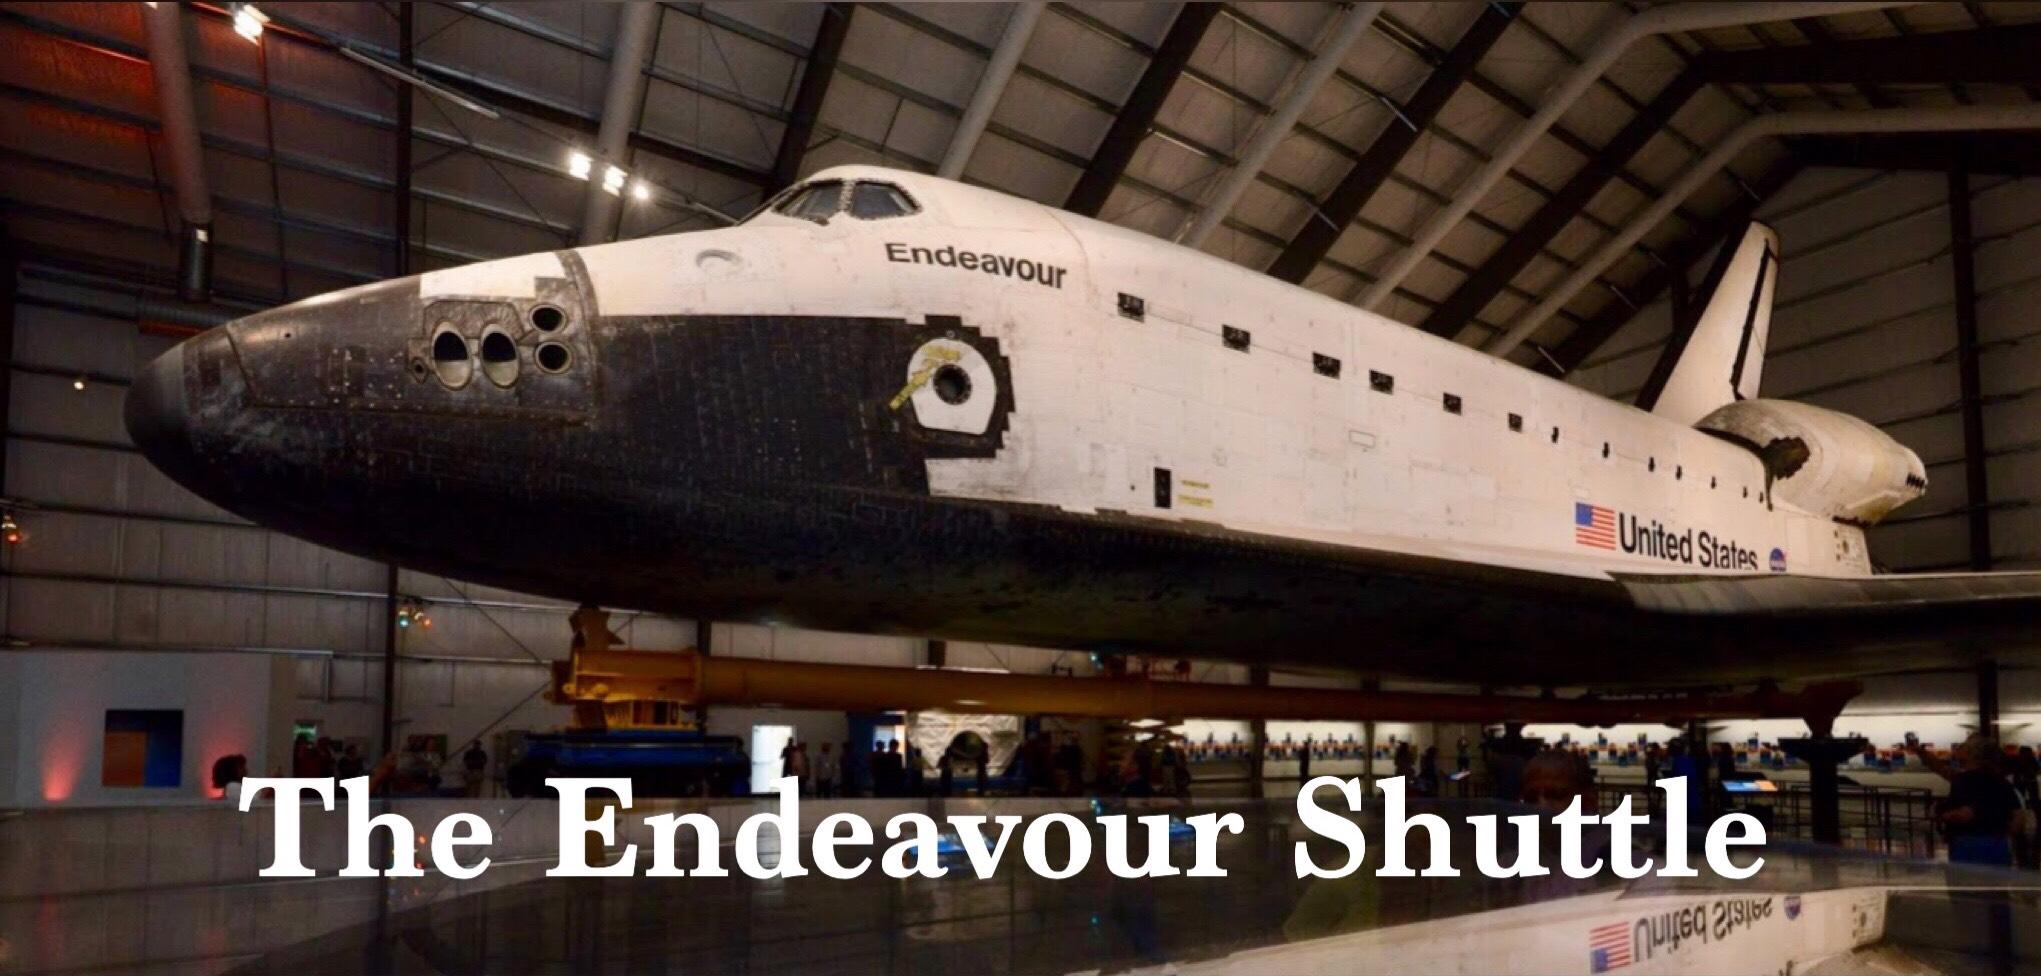 Shuttle Photo